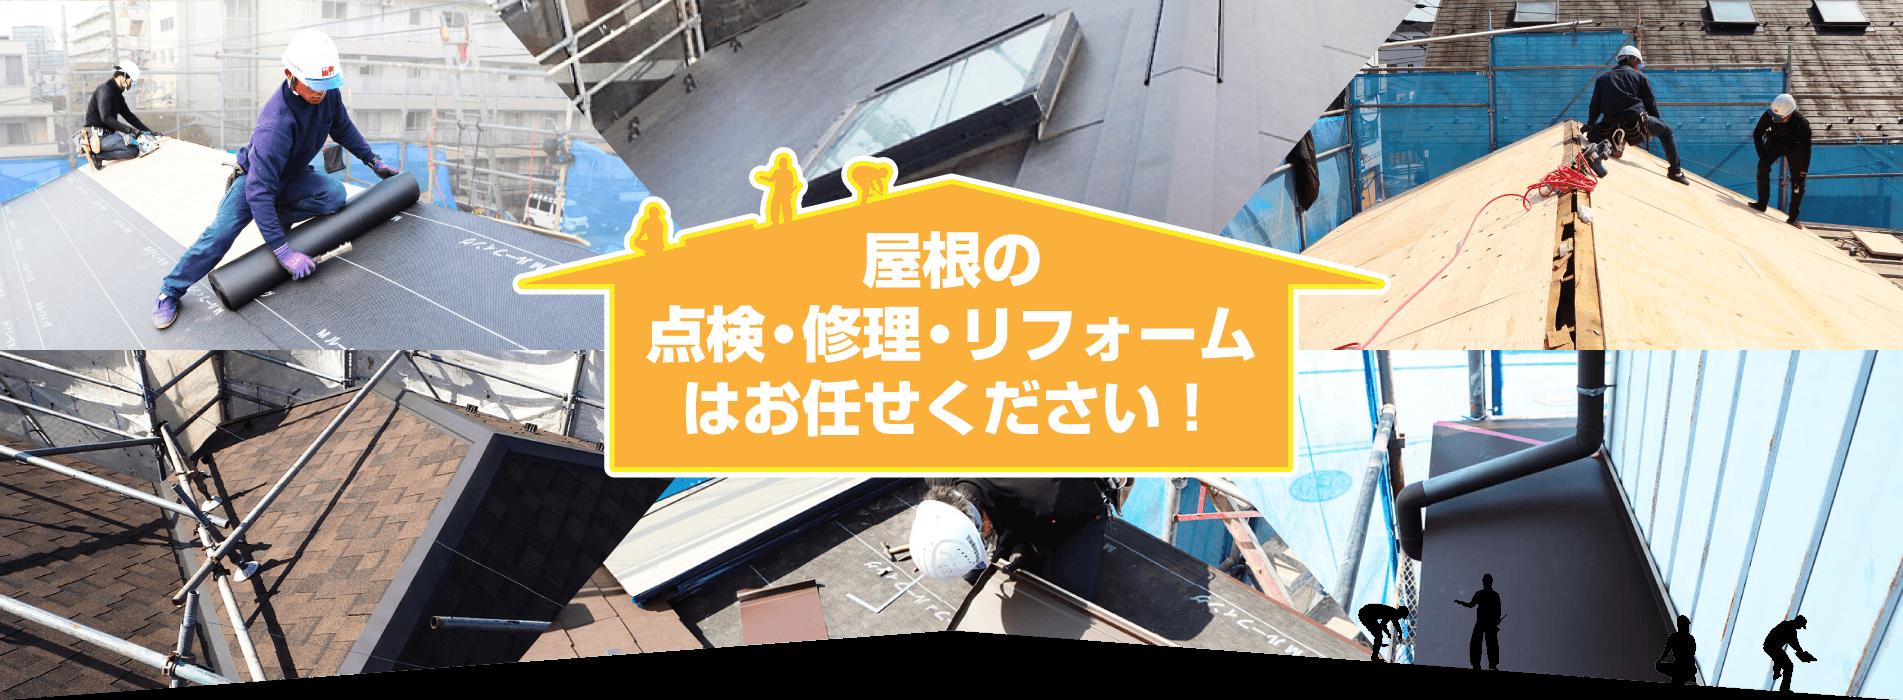 屋根の 点検・修理・リフォーム はお任せください!